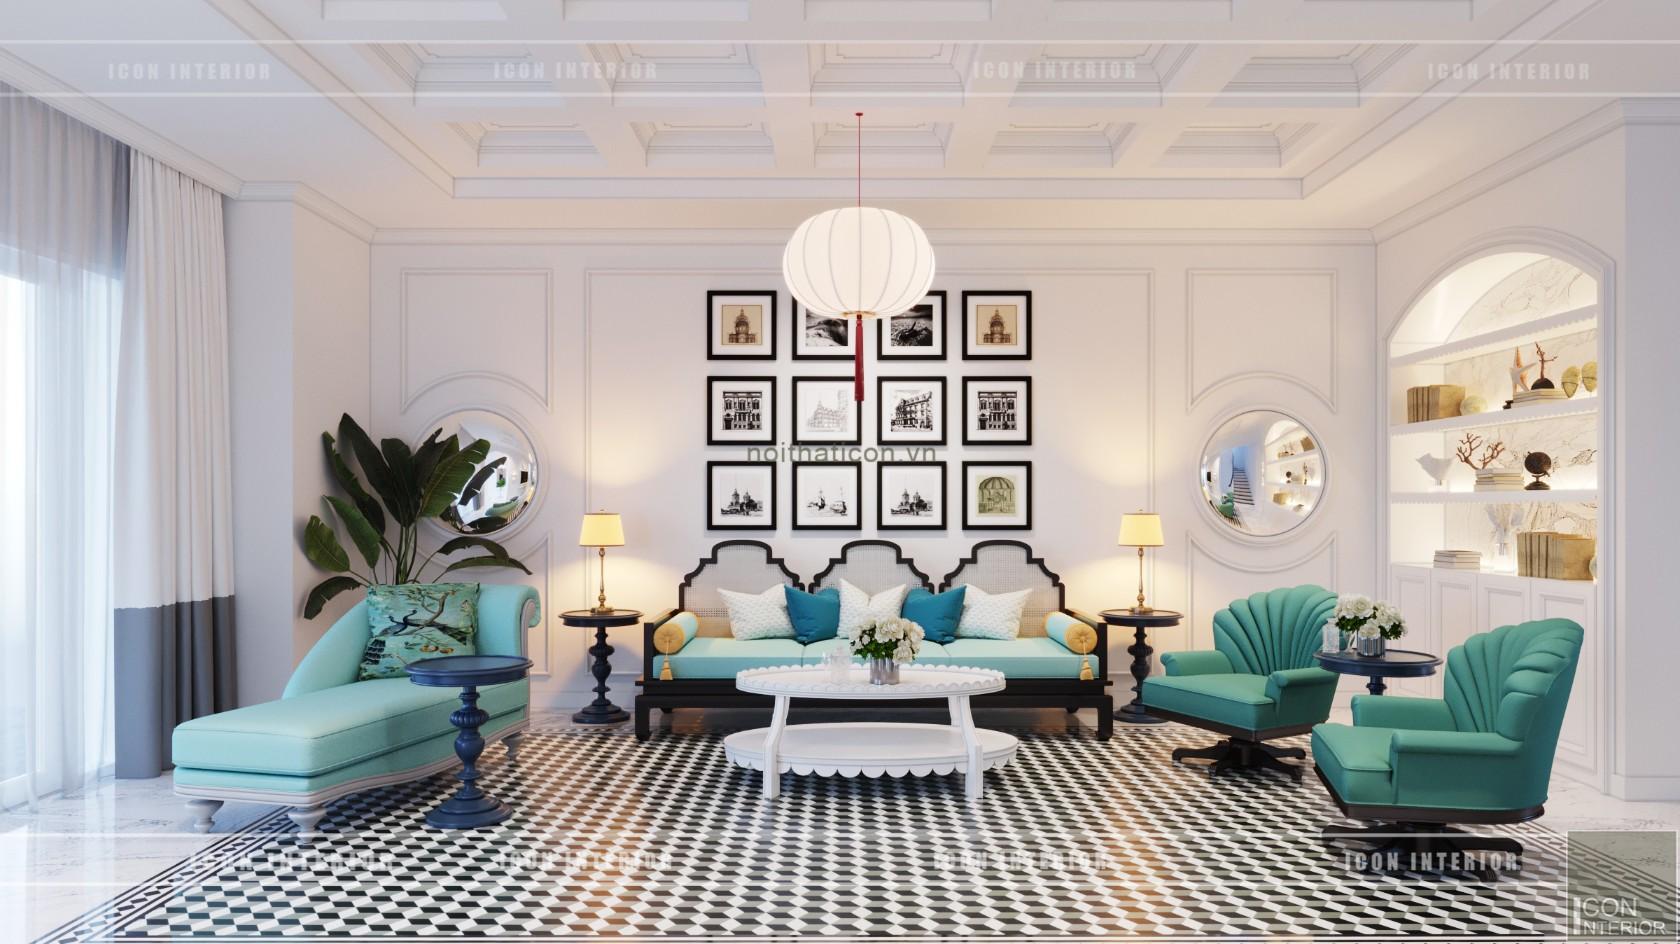 thiết kế nội thất biệt thự song lập - phòng khách